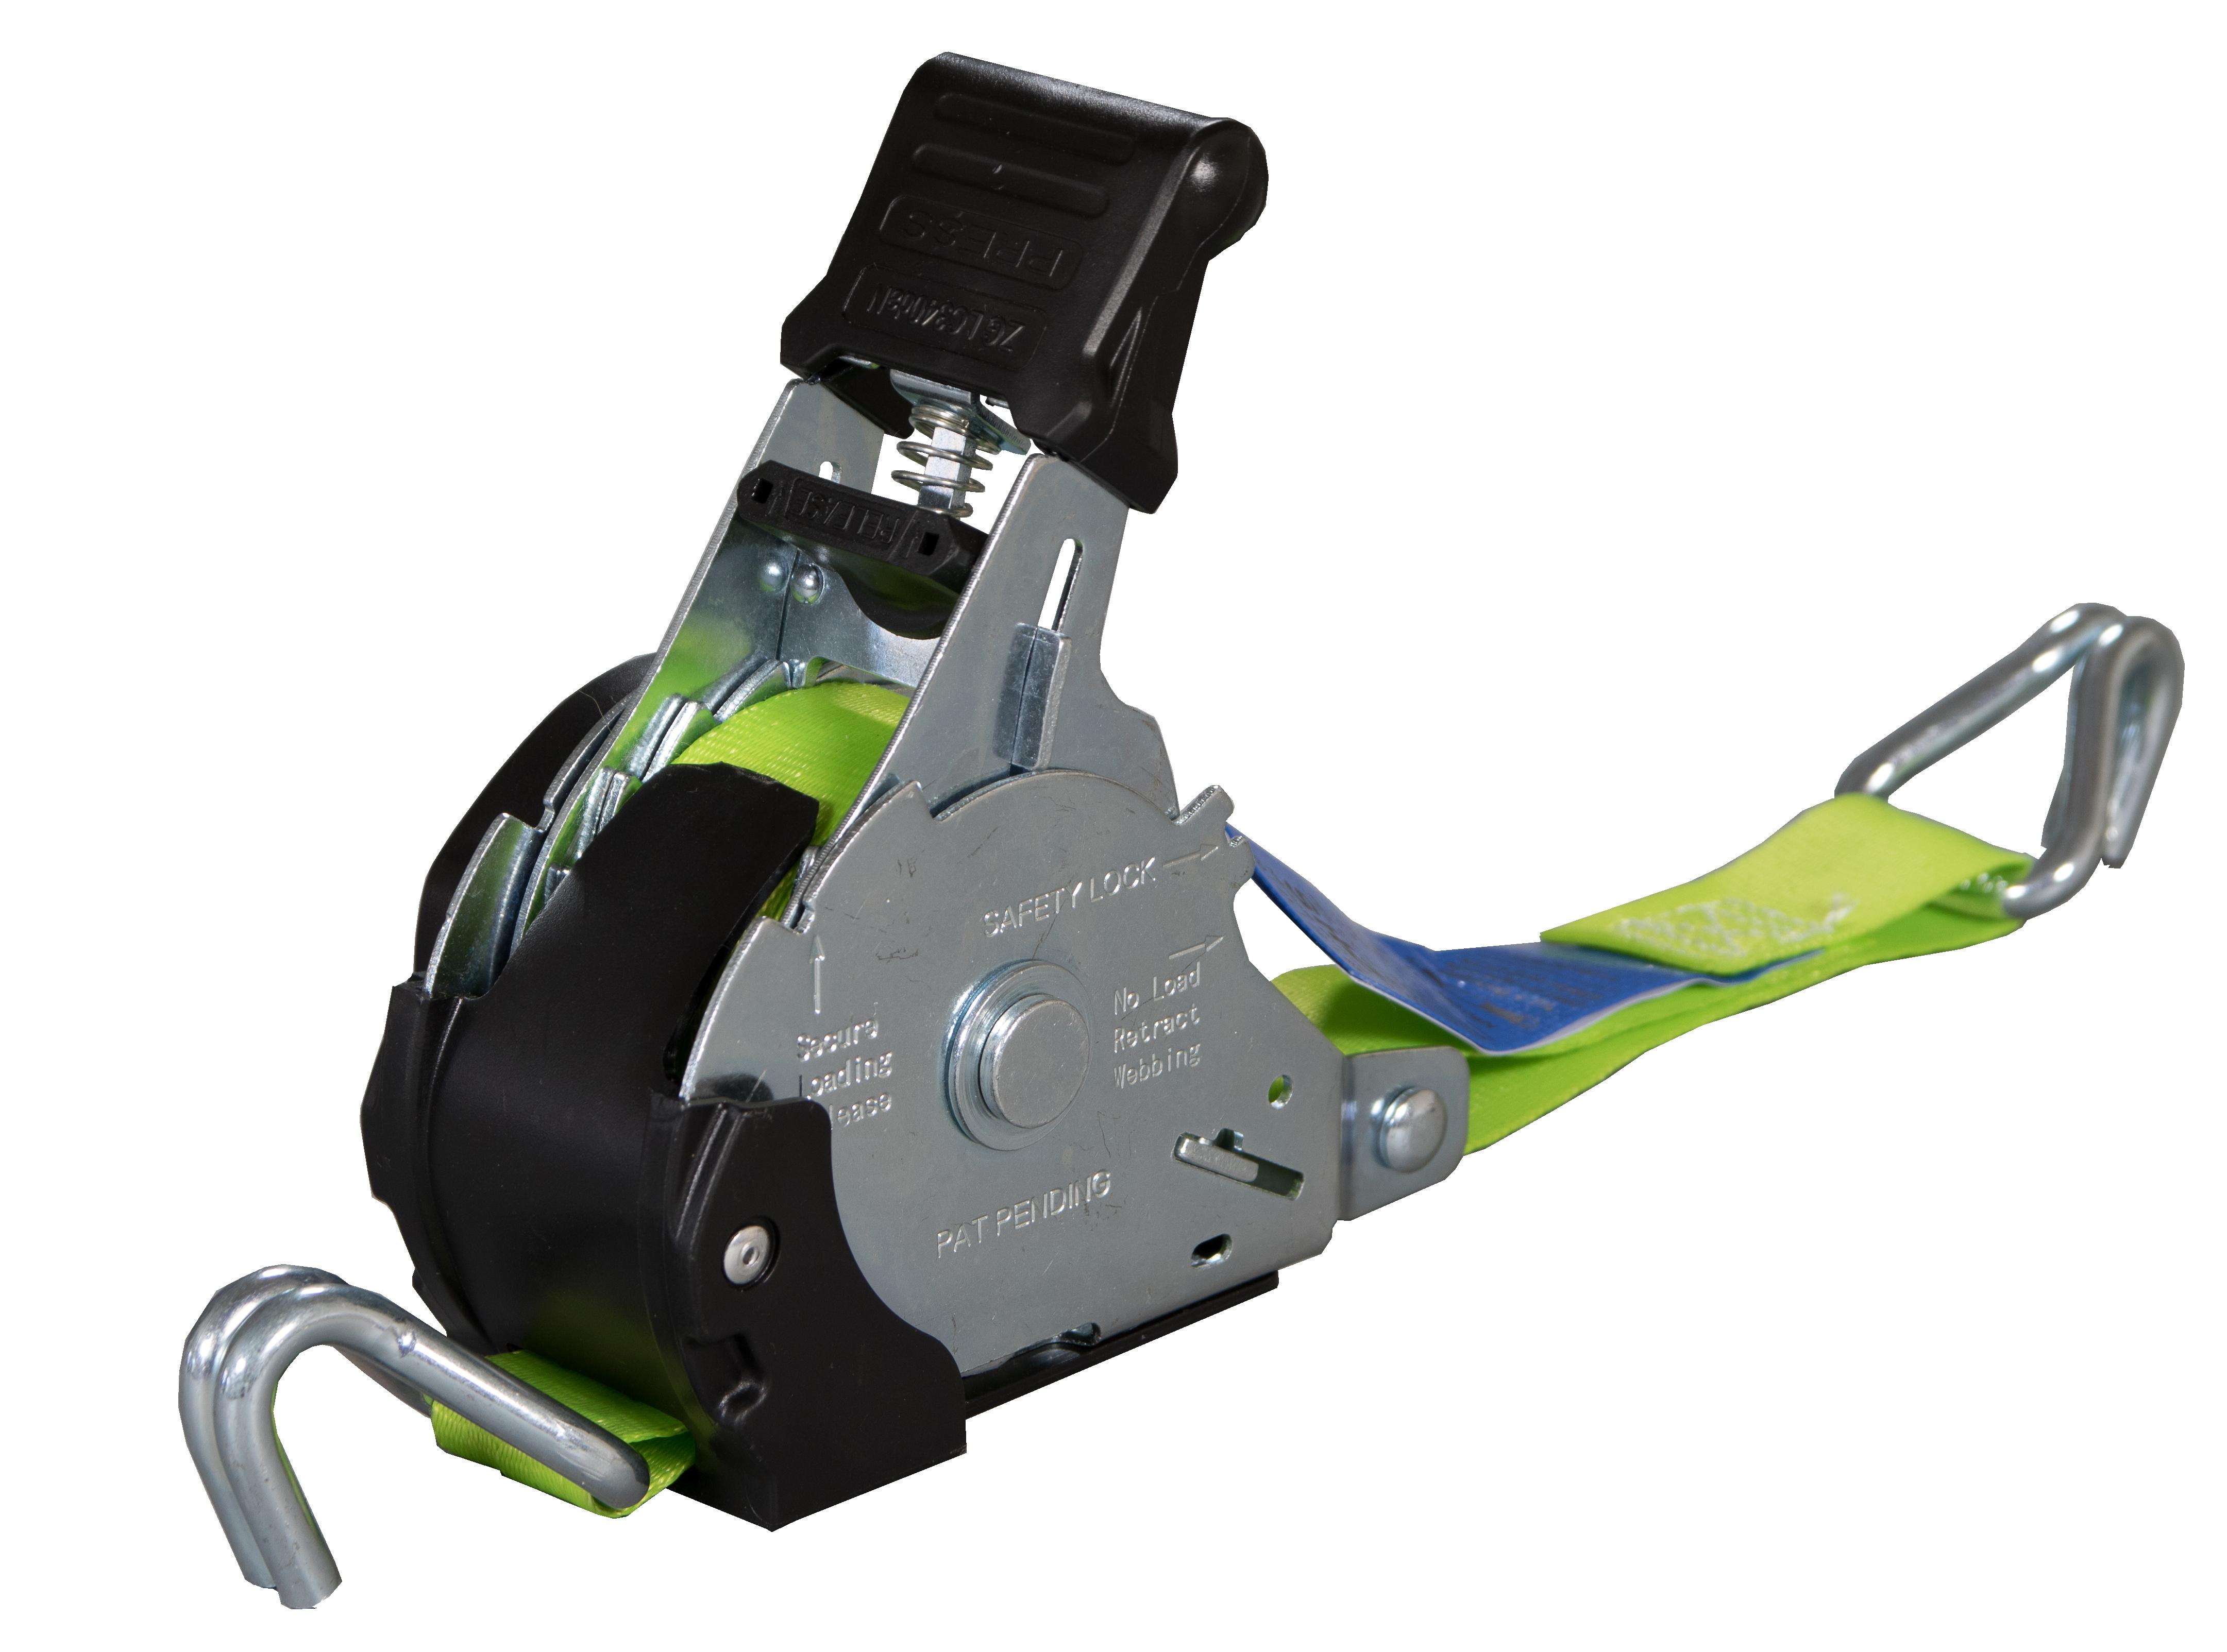 Spanngurt ZurrMatic mit Aufrollmechanik, 25 mm Bandbreite, Spitzhaken